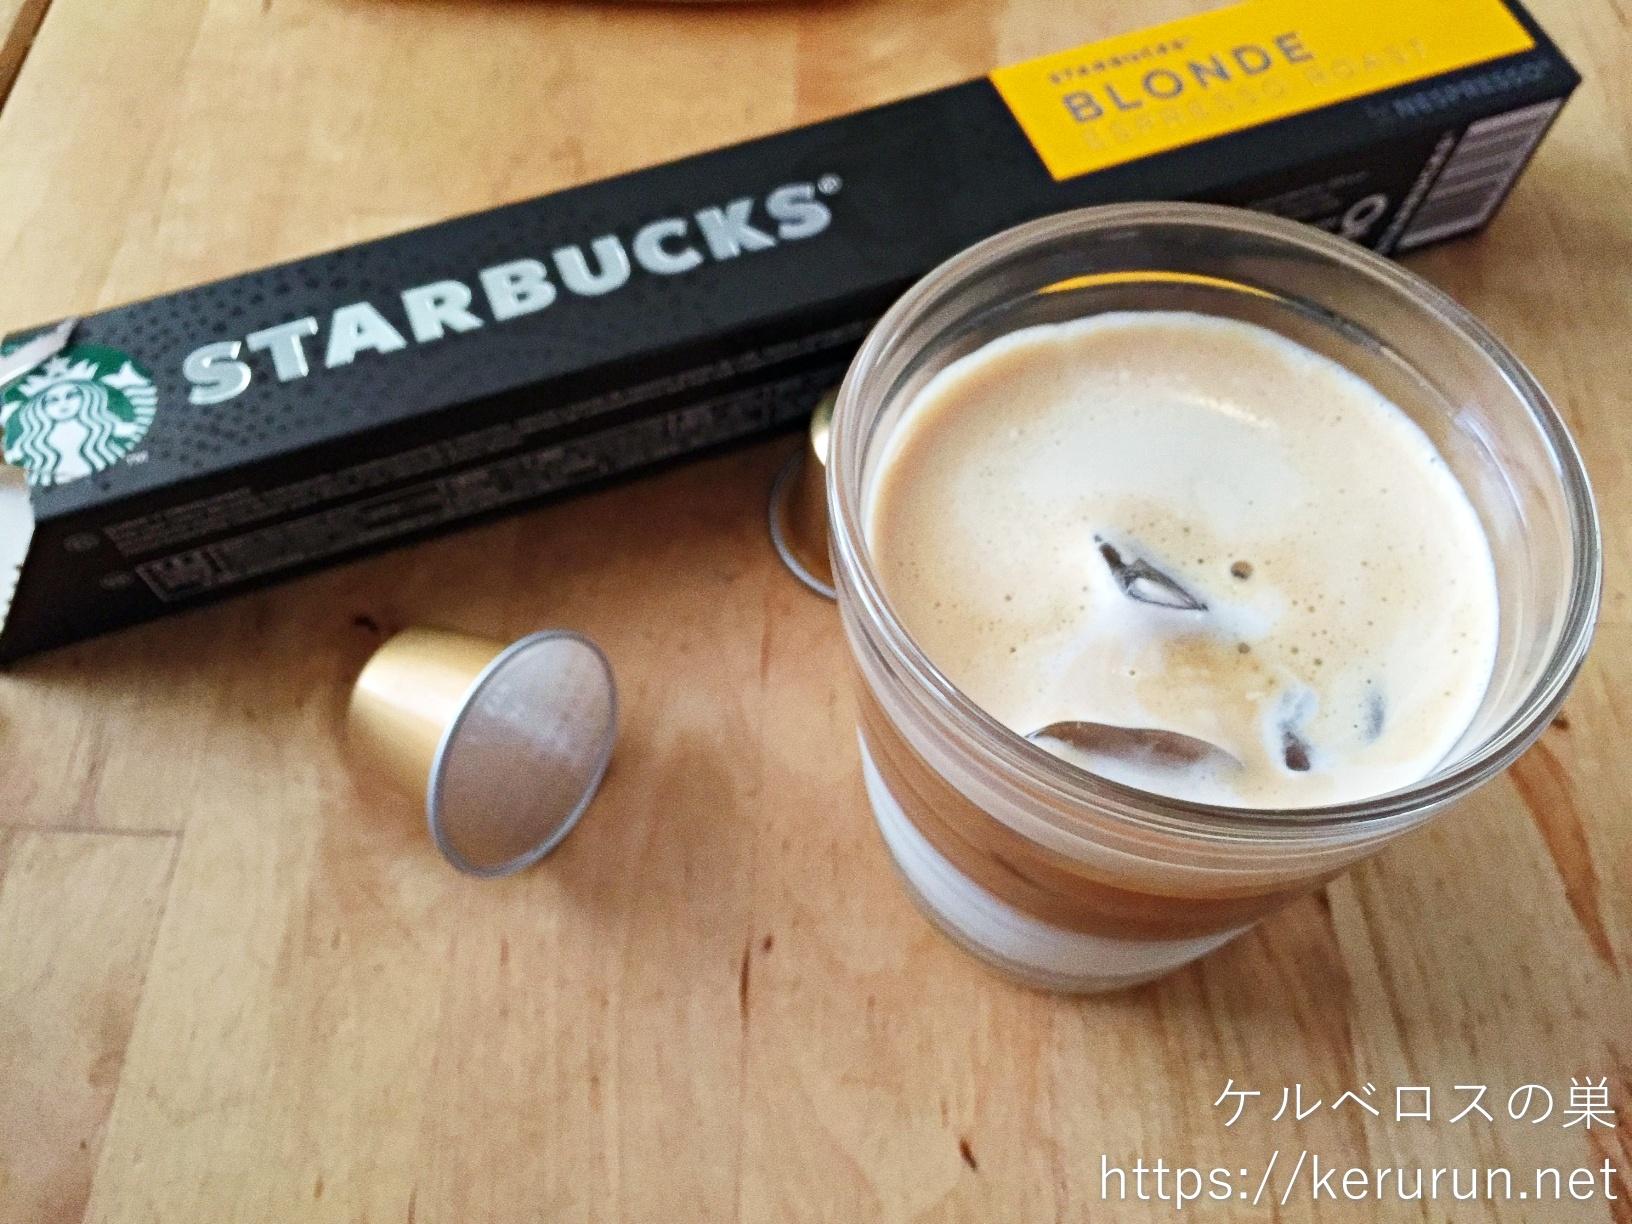 【コストコ】スターバックス ネスプレッソ用コーヒーカプセル